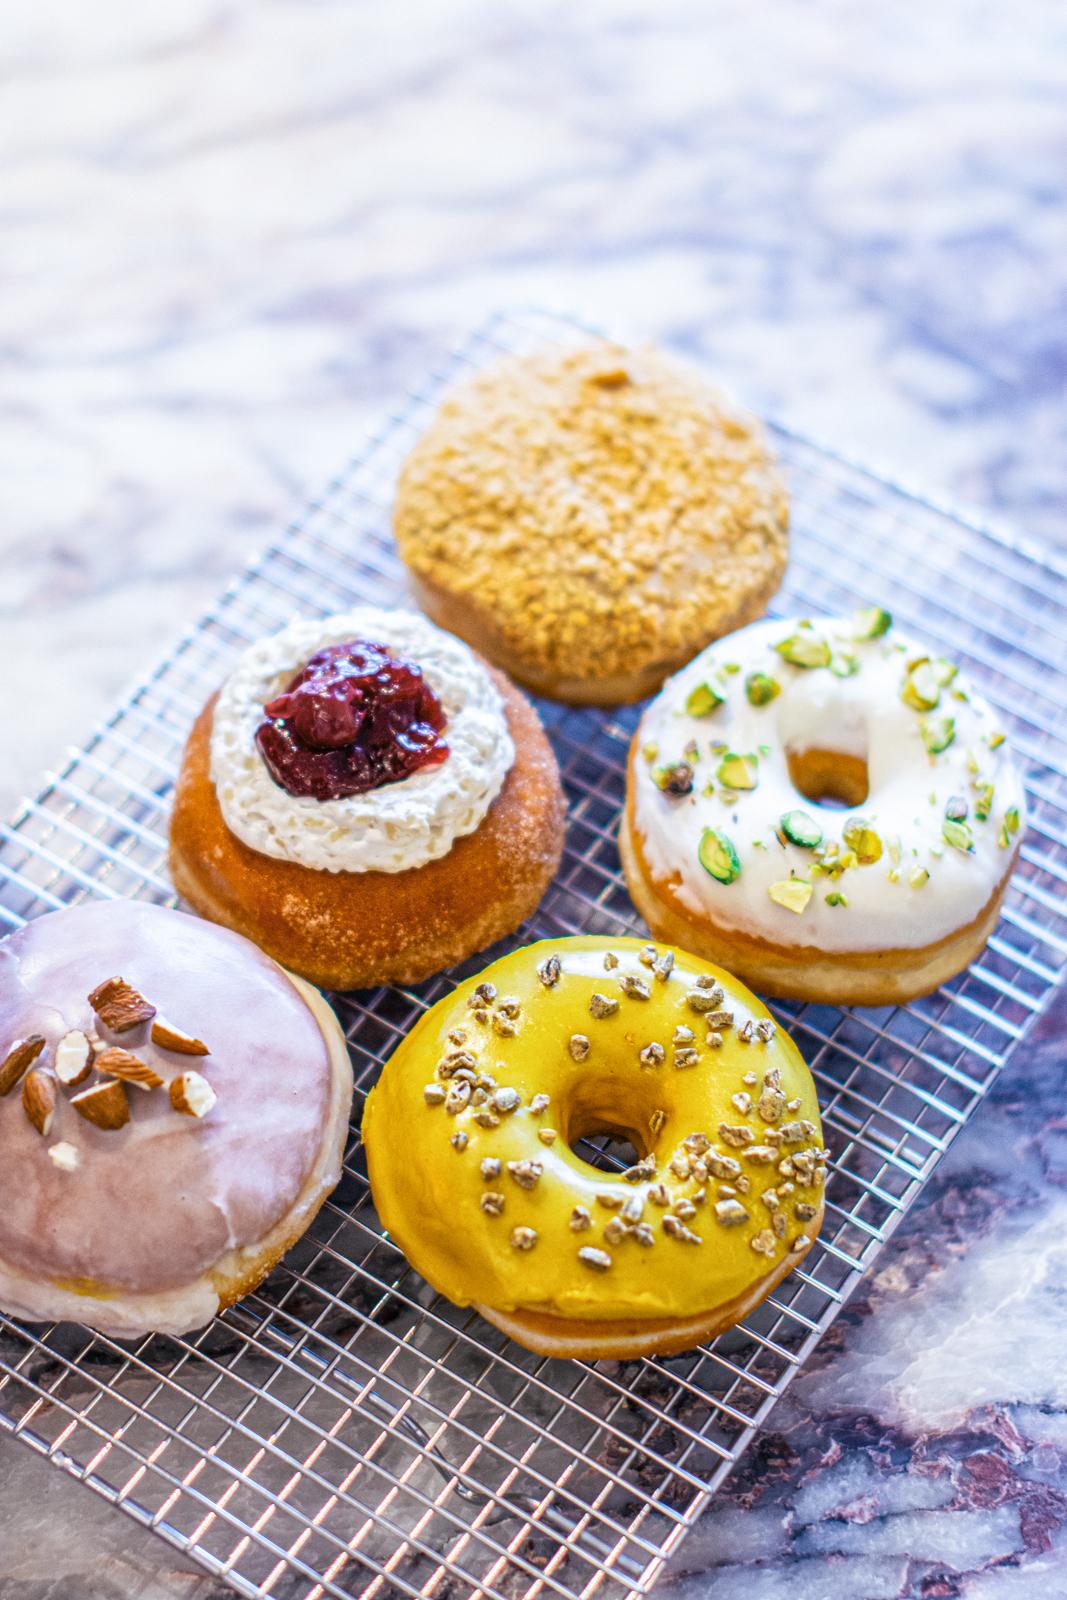 Brammibal Donuts